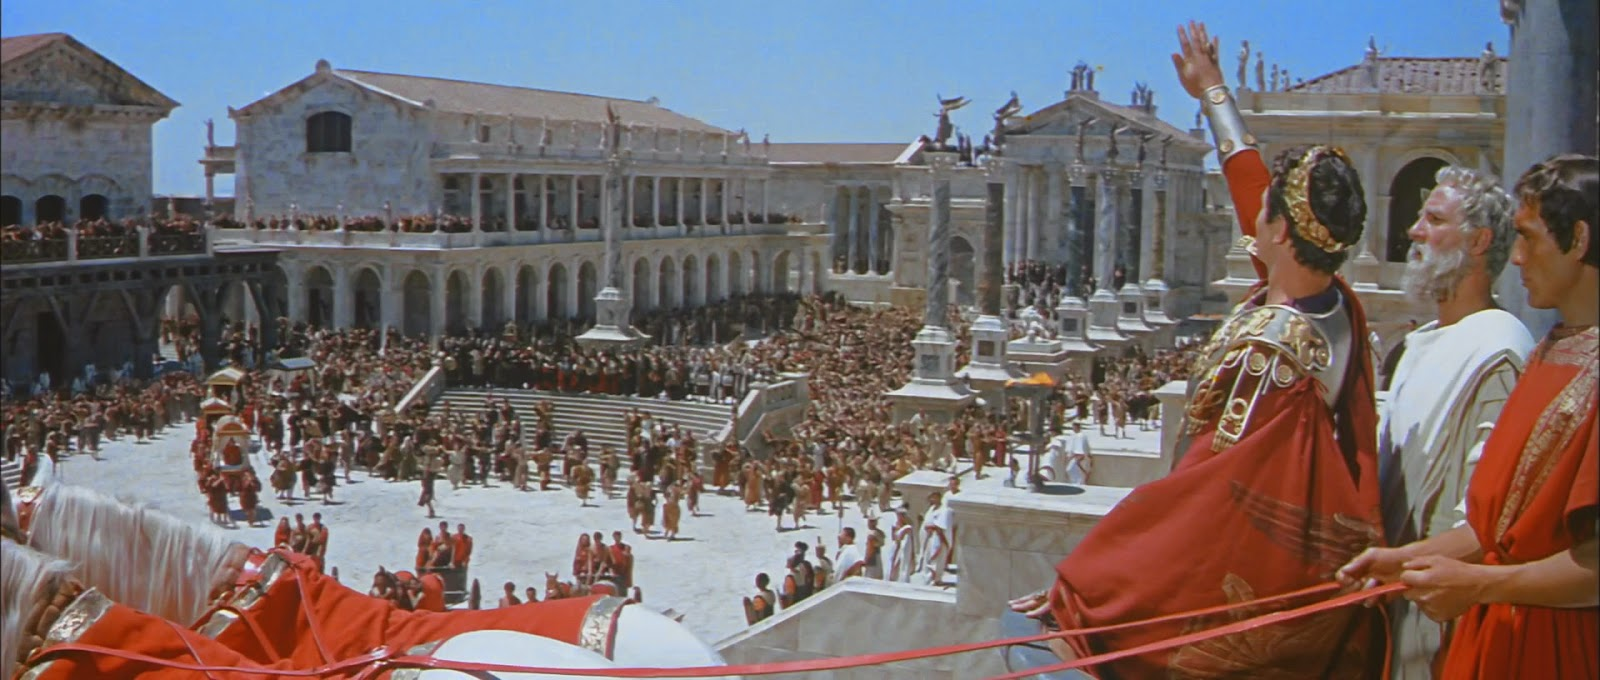 Matrimonio Romano En La Antiguedad : Sapere aude roma de los orígenes a la república